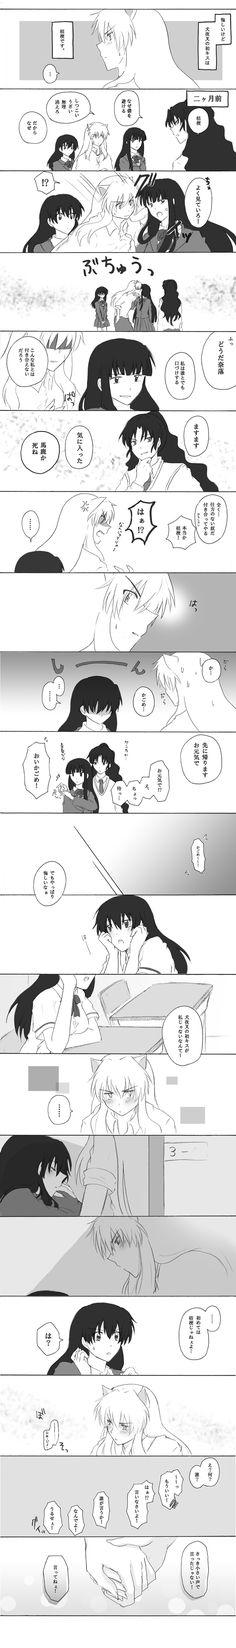 犬夜叉 Inuyasha and Kagome